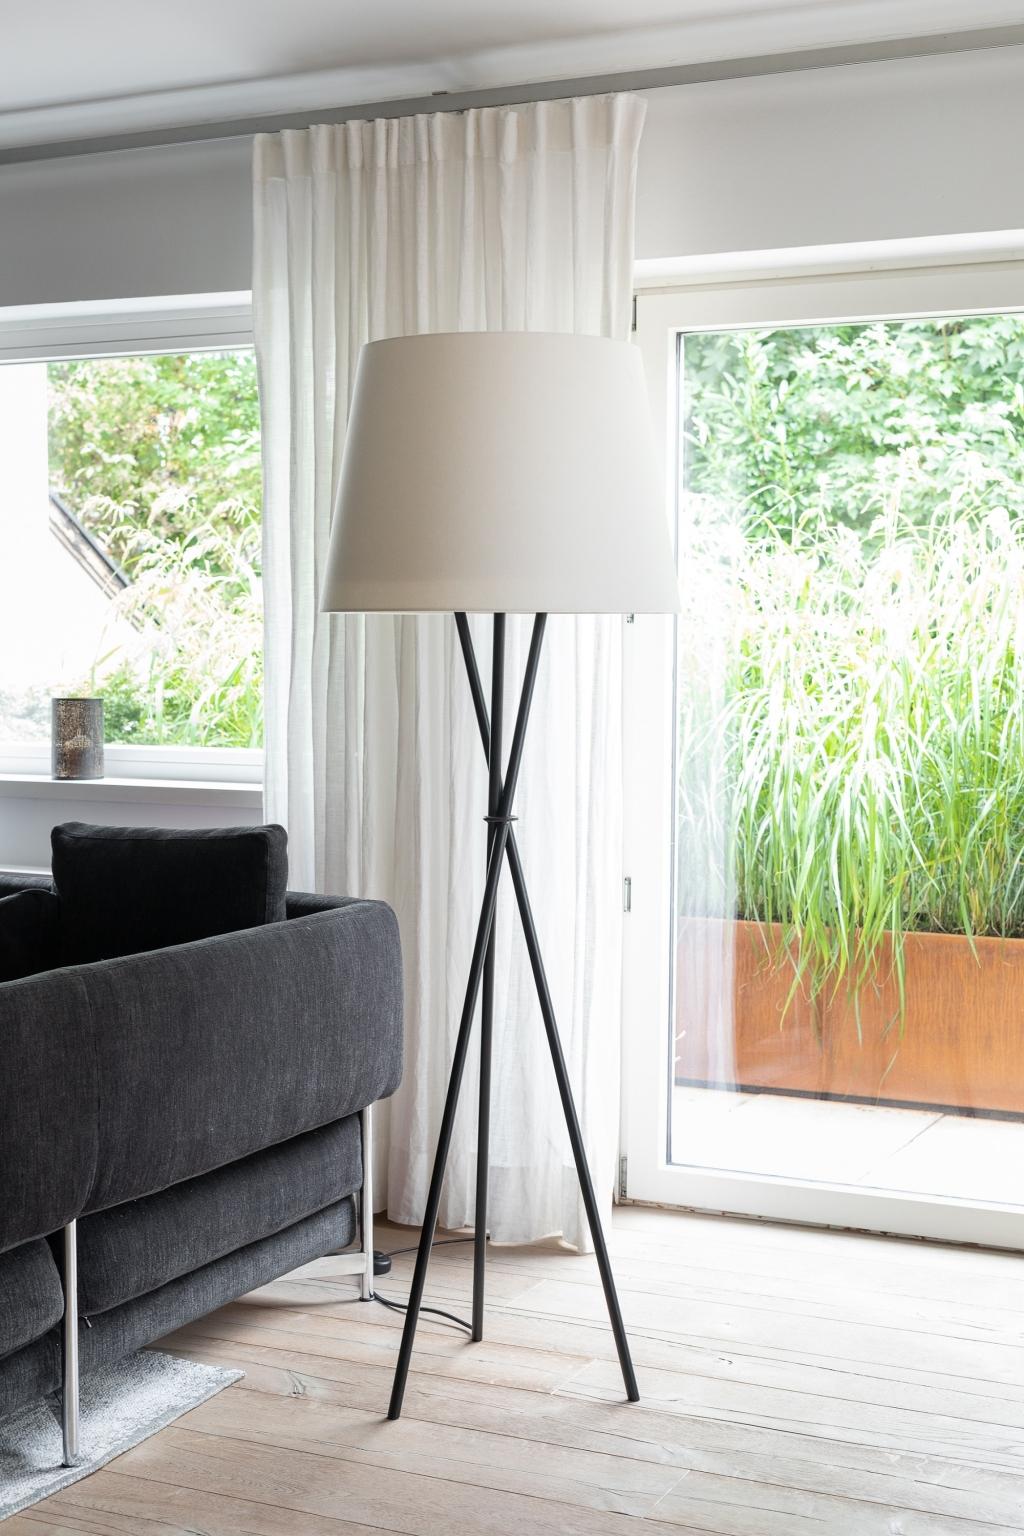 Loungebereich mit Stehleuchte Hailey in cremefarbener Schirm-Ausführung, LED-Licht und integriertem Aircleaner für gereinigte Luft.